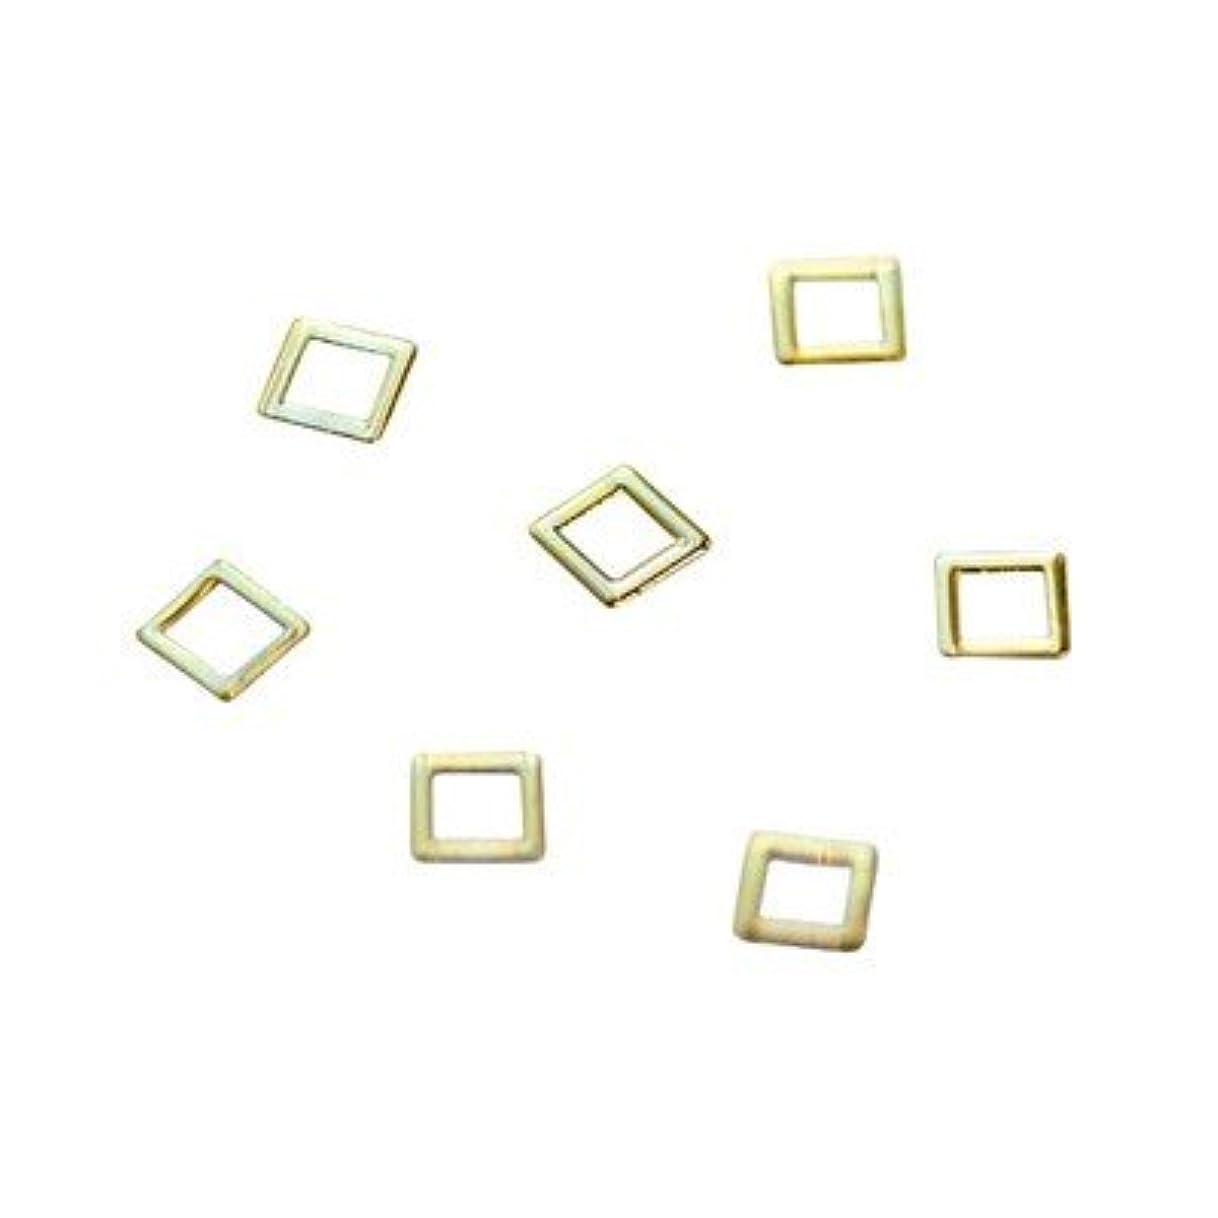 予防接種する隣接するウイルスクレア モードスクエア 2mm ゴールド